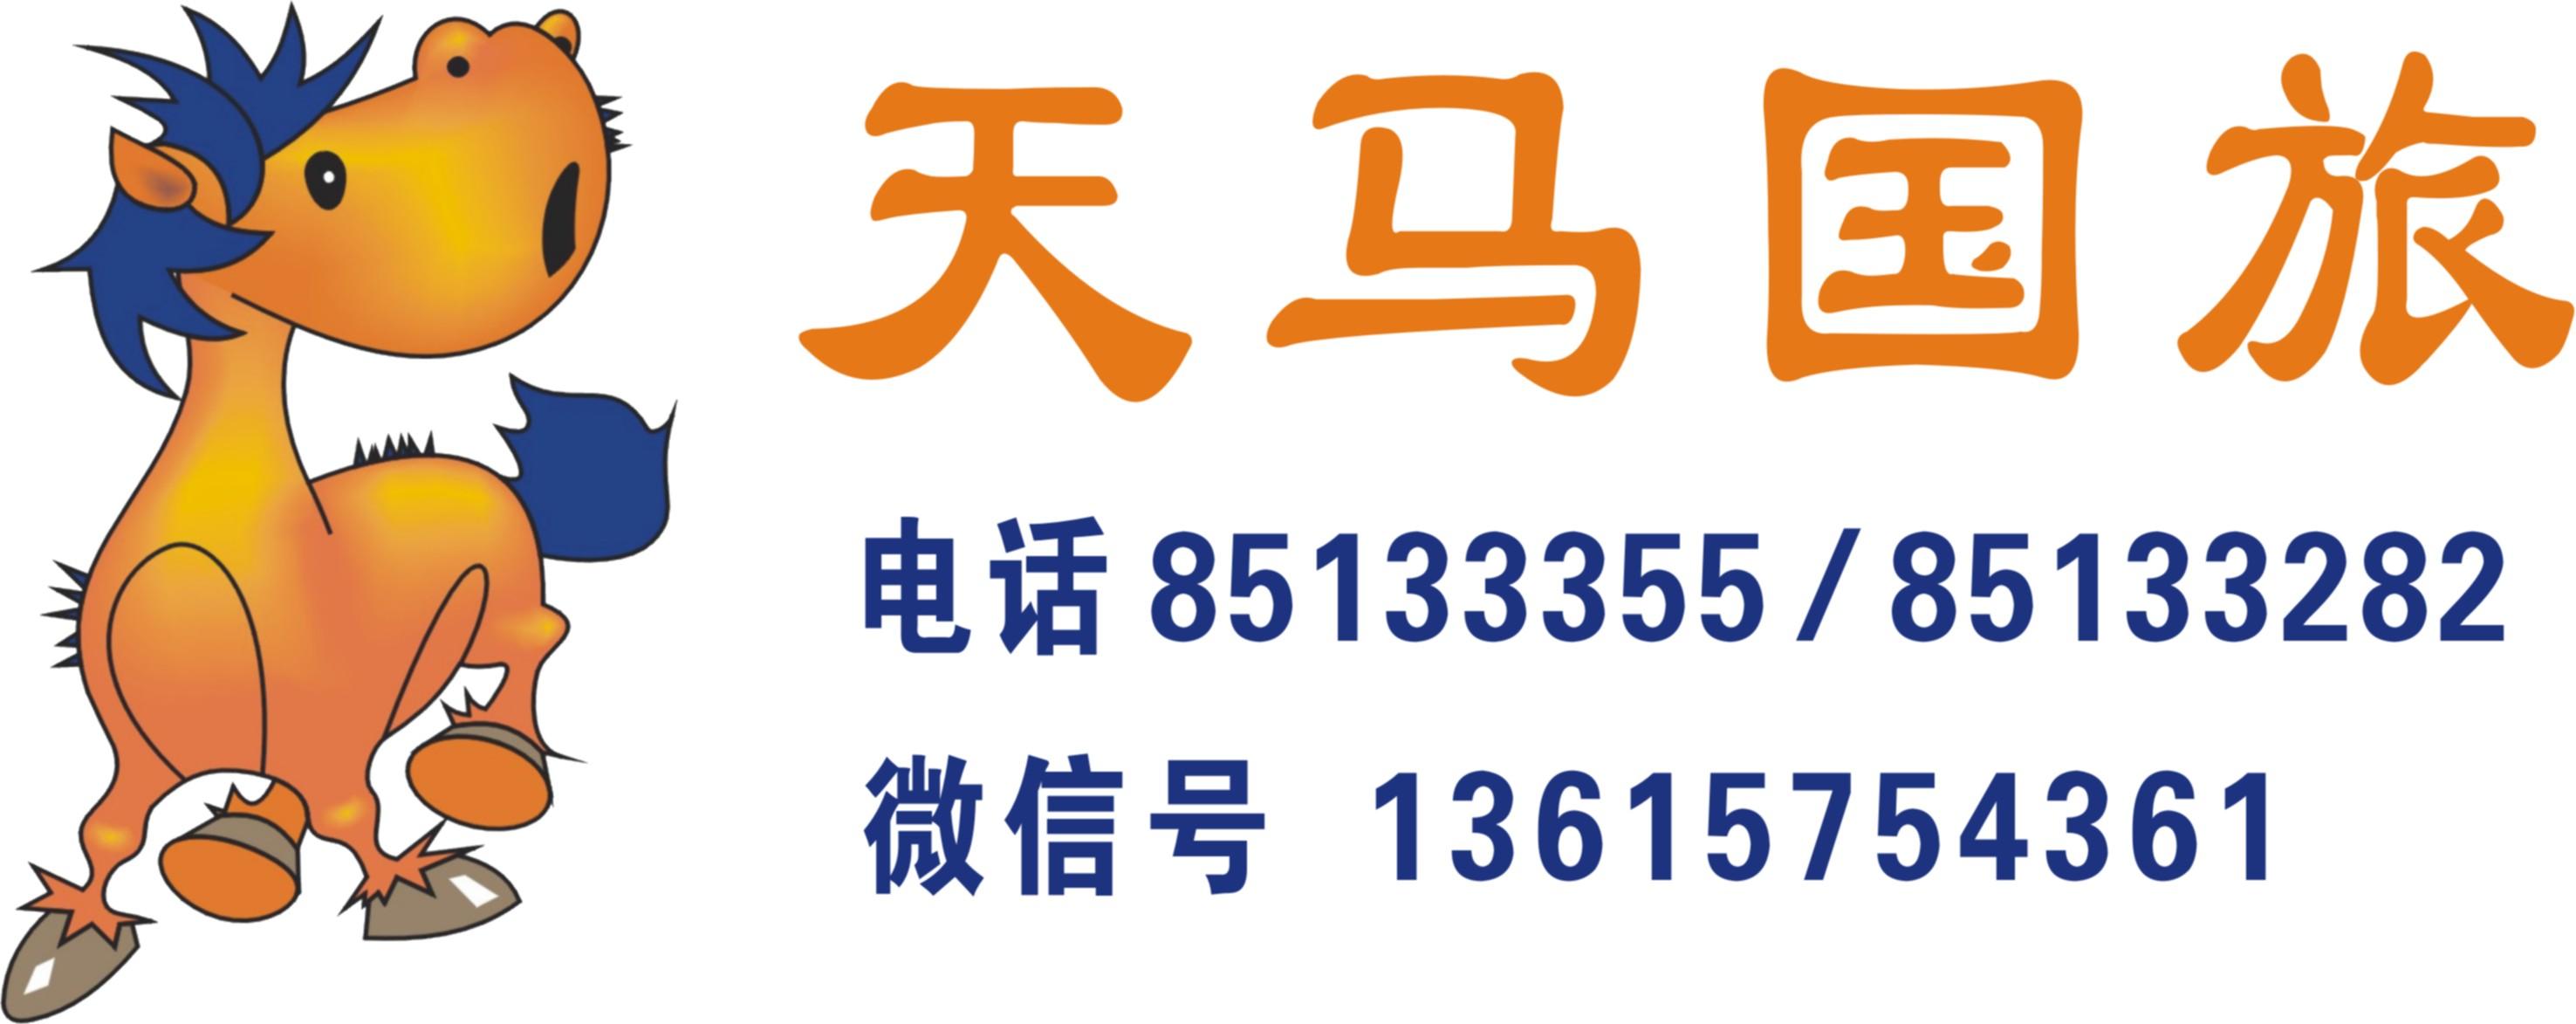 2.23【桐庐瑶琳仙境、3D灯光秀、坐摇橹船赏红石湾一日】